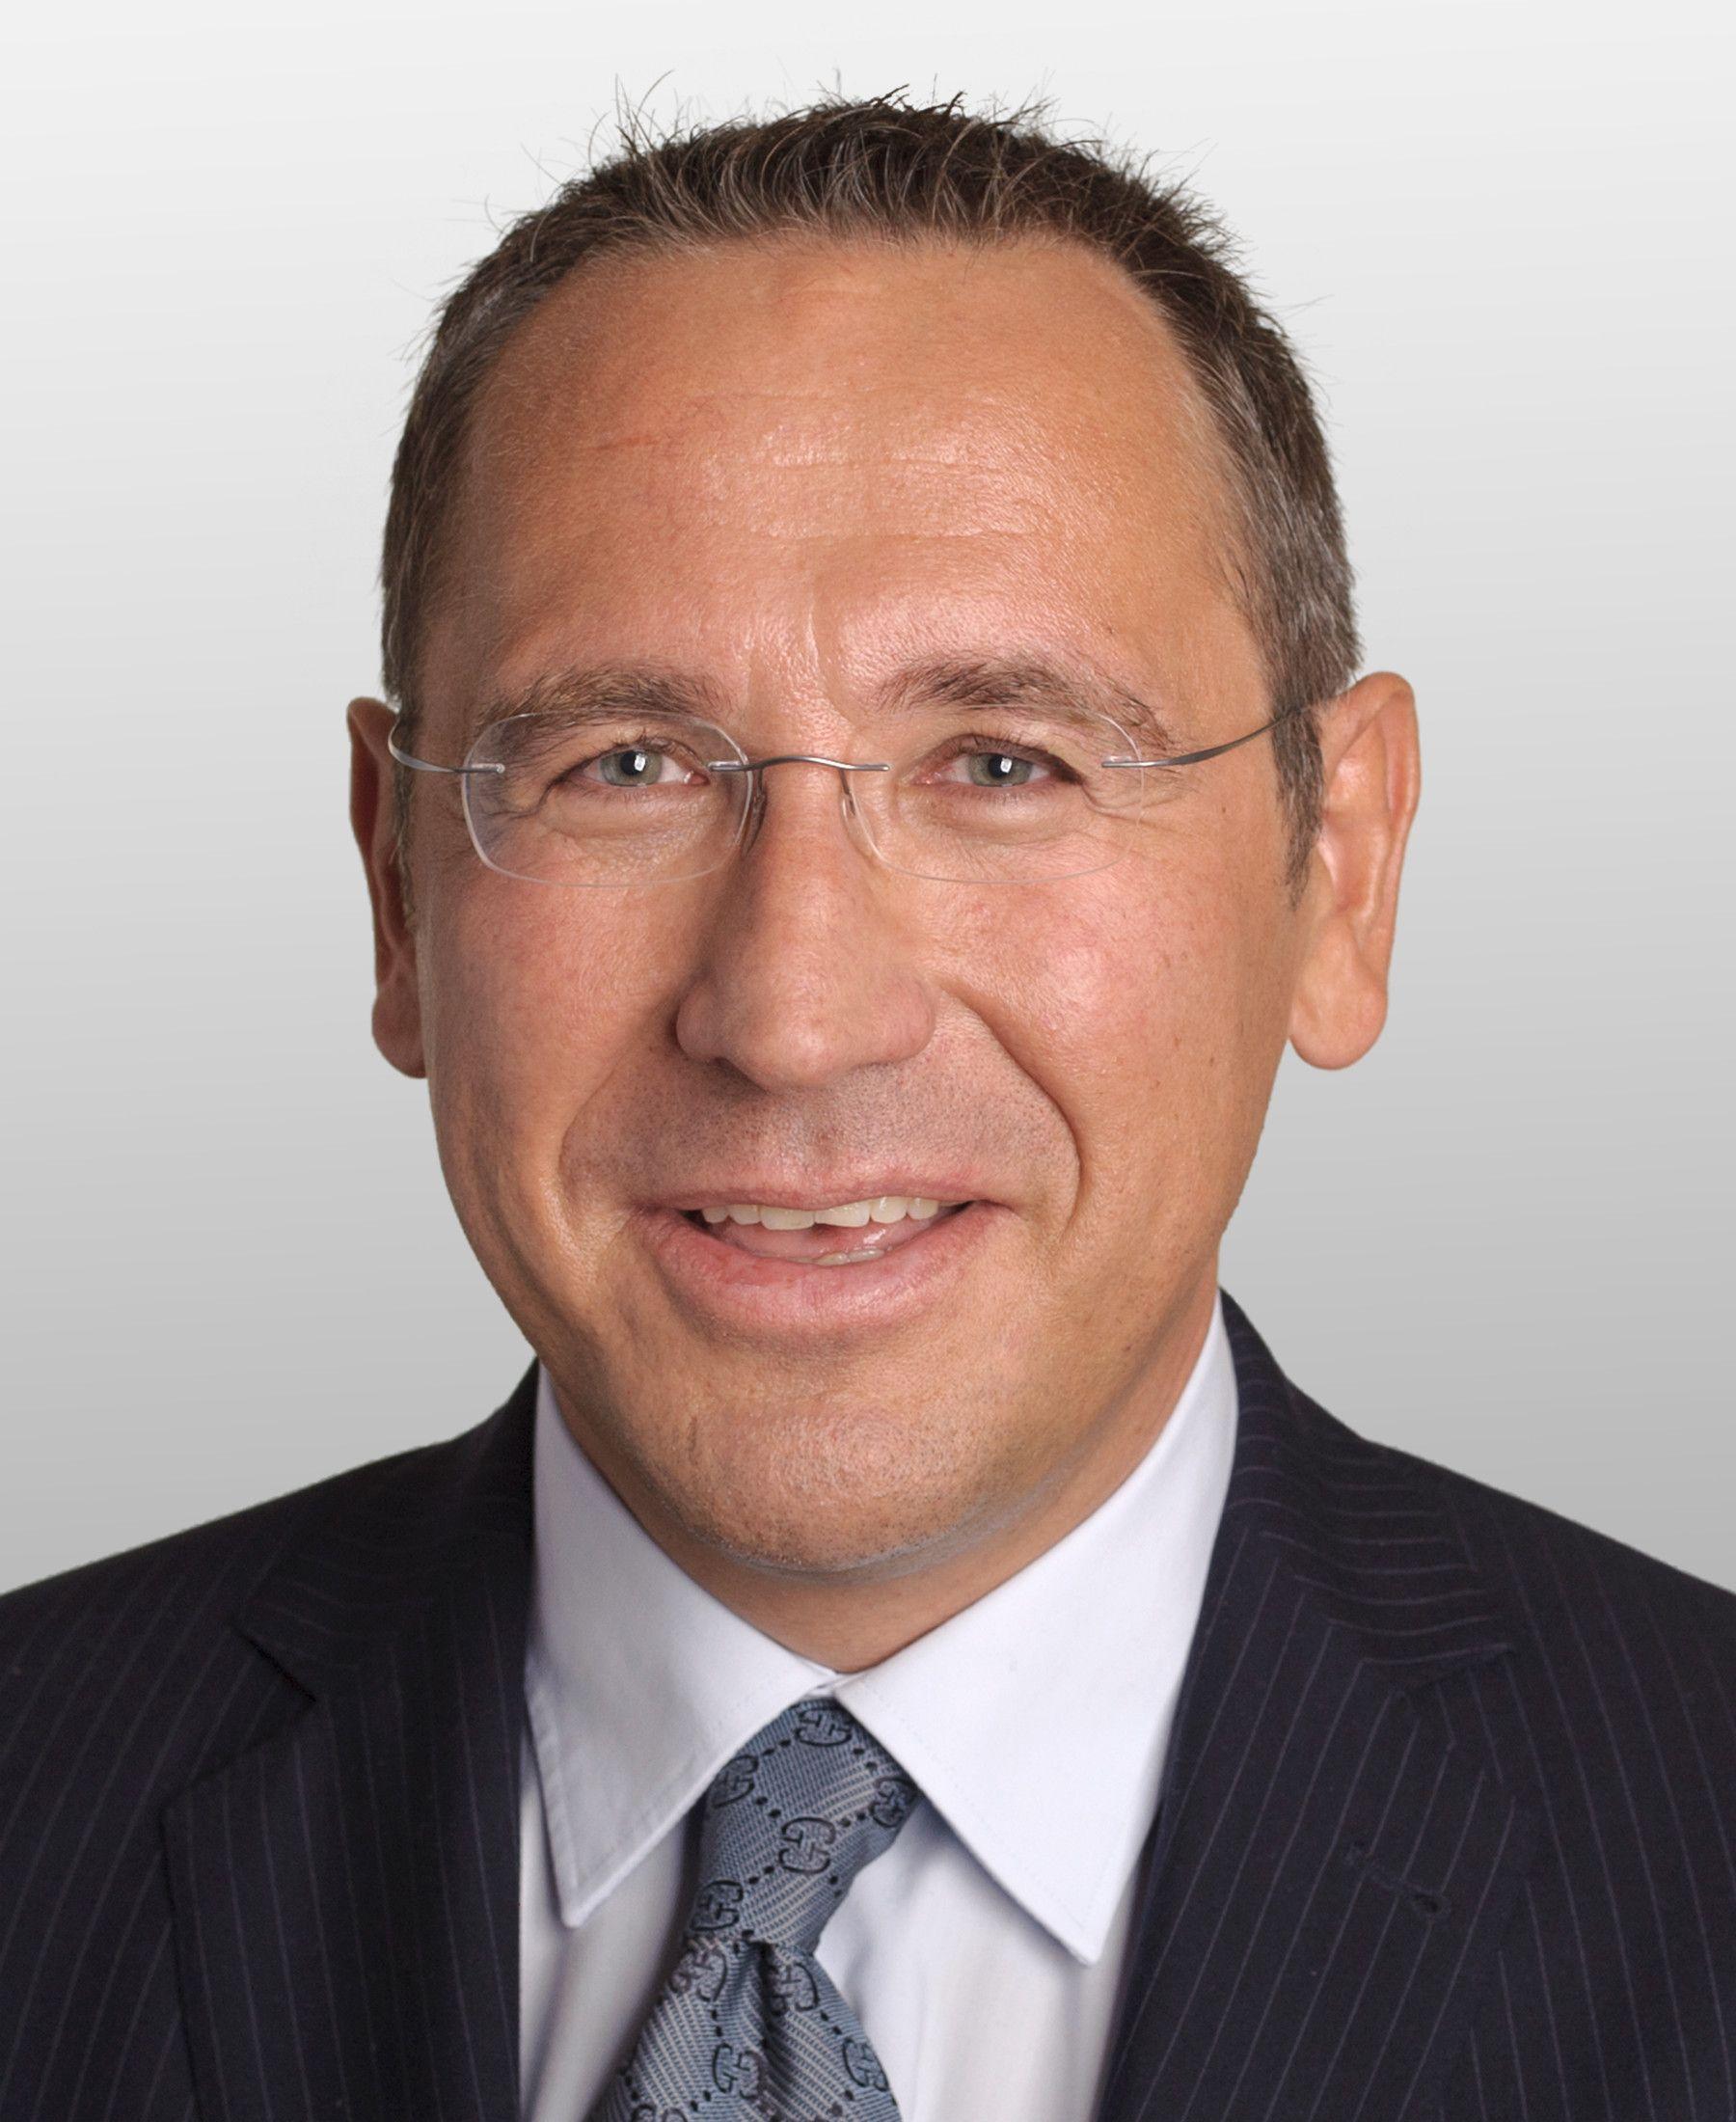 Юрген Бауер, дългогодишен Регионален мениджър Изток за  Гебрюдер Вайс, ще се присъедини към Борда на директорите от 2019 г. (Снимка: Гебрюдер Вайс)